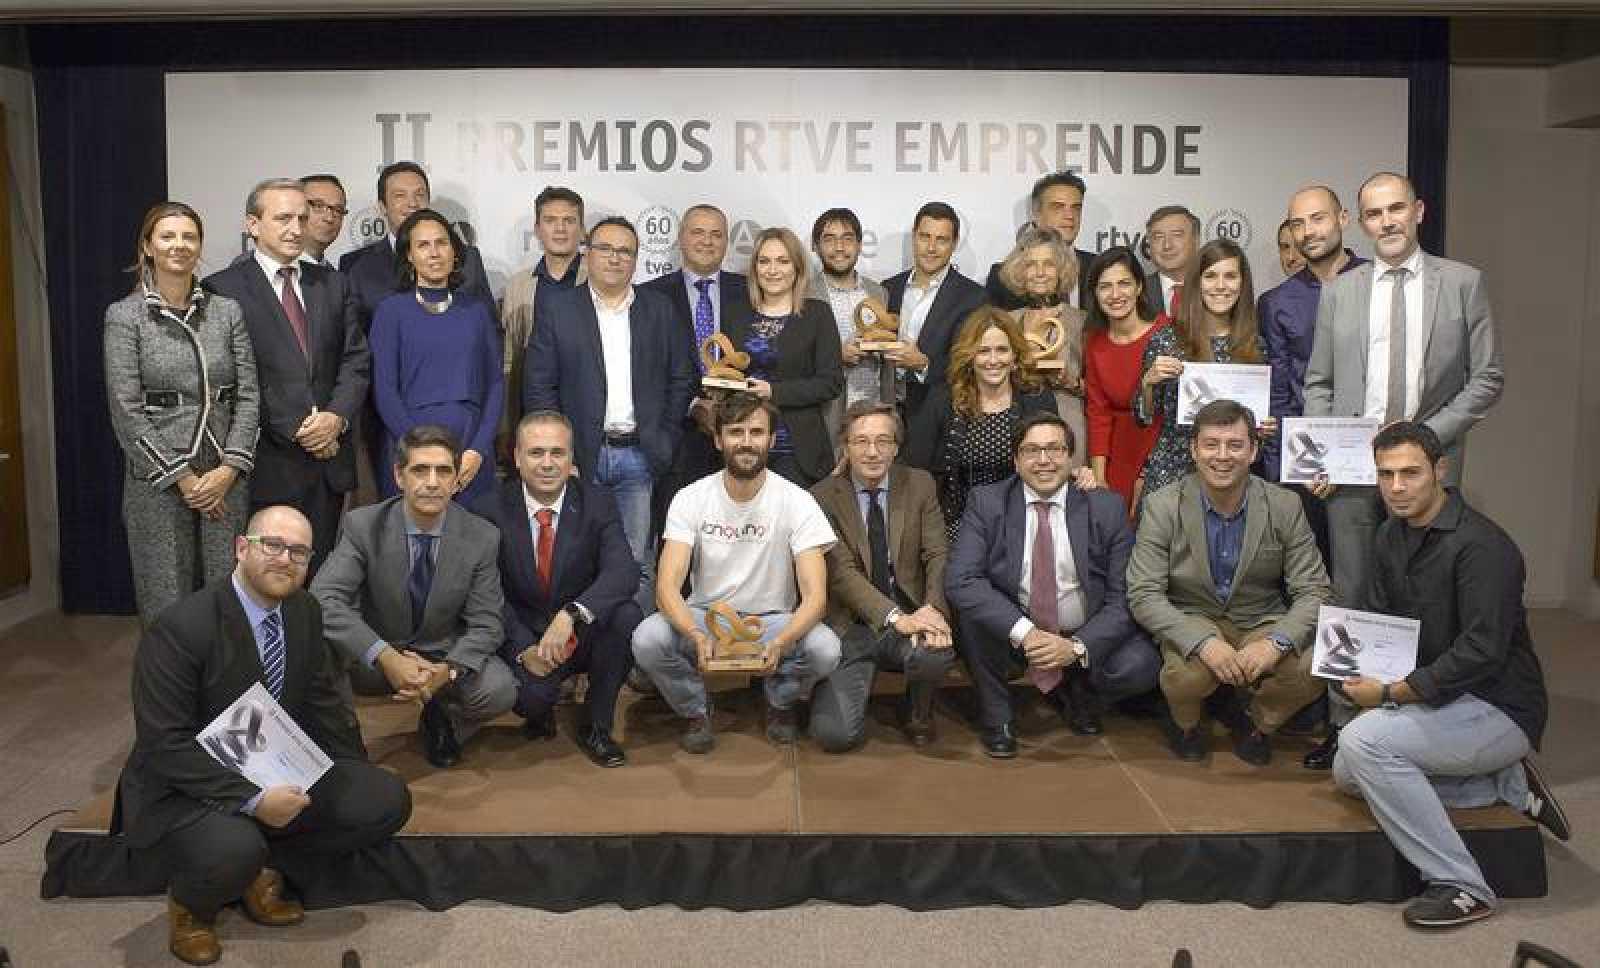 Foto de familia de los II Premios RTVE Emprende